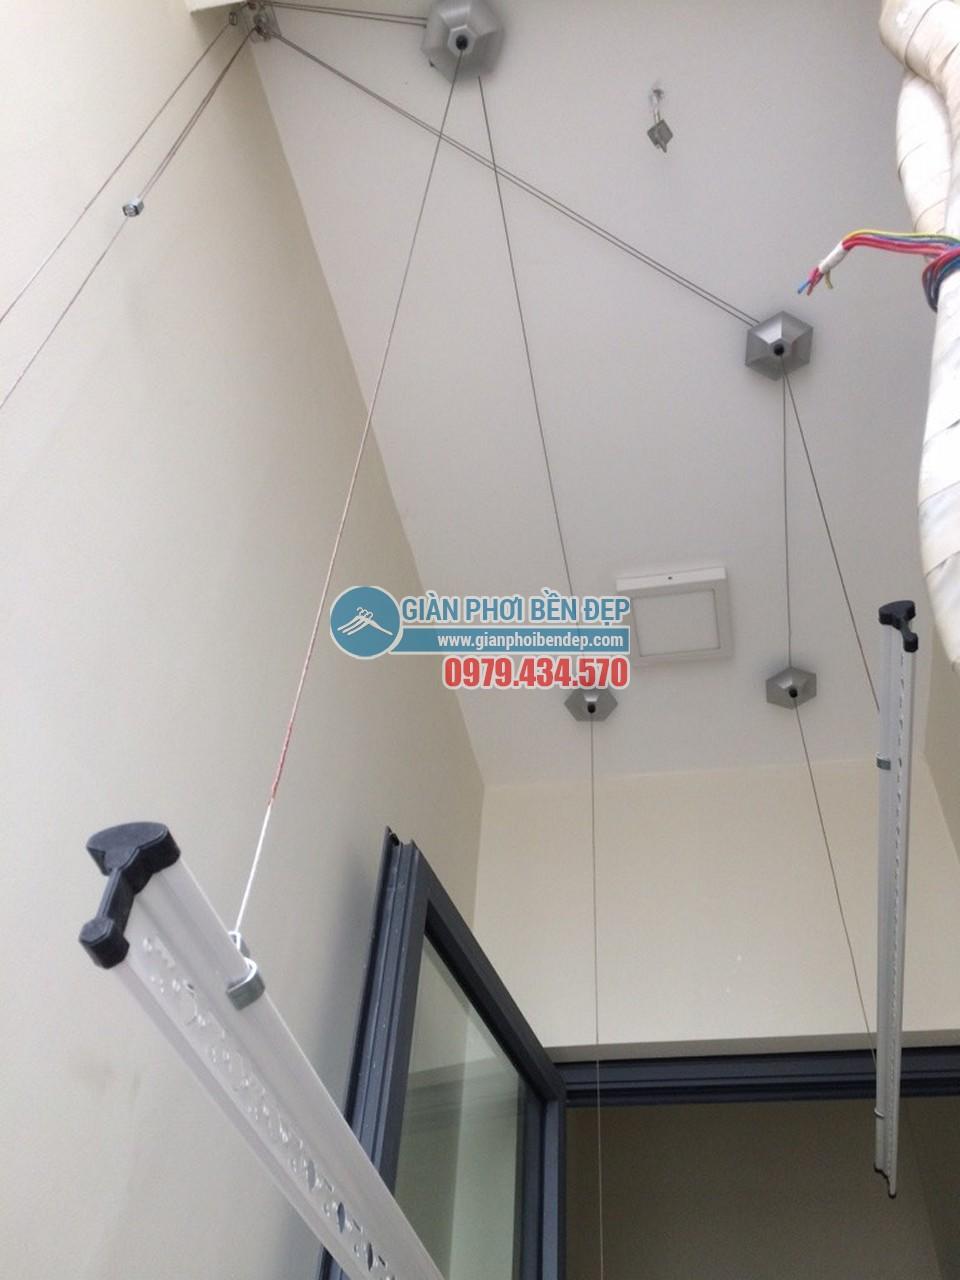 Hoàn thiện lắp đặt giàn phơi thông minh nhà chị Tâm, chung cư 75 Tam Trinh